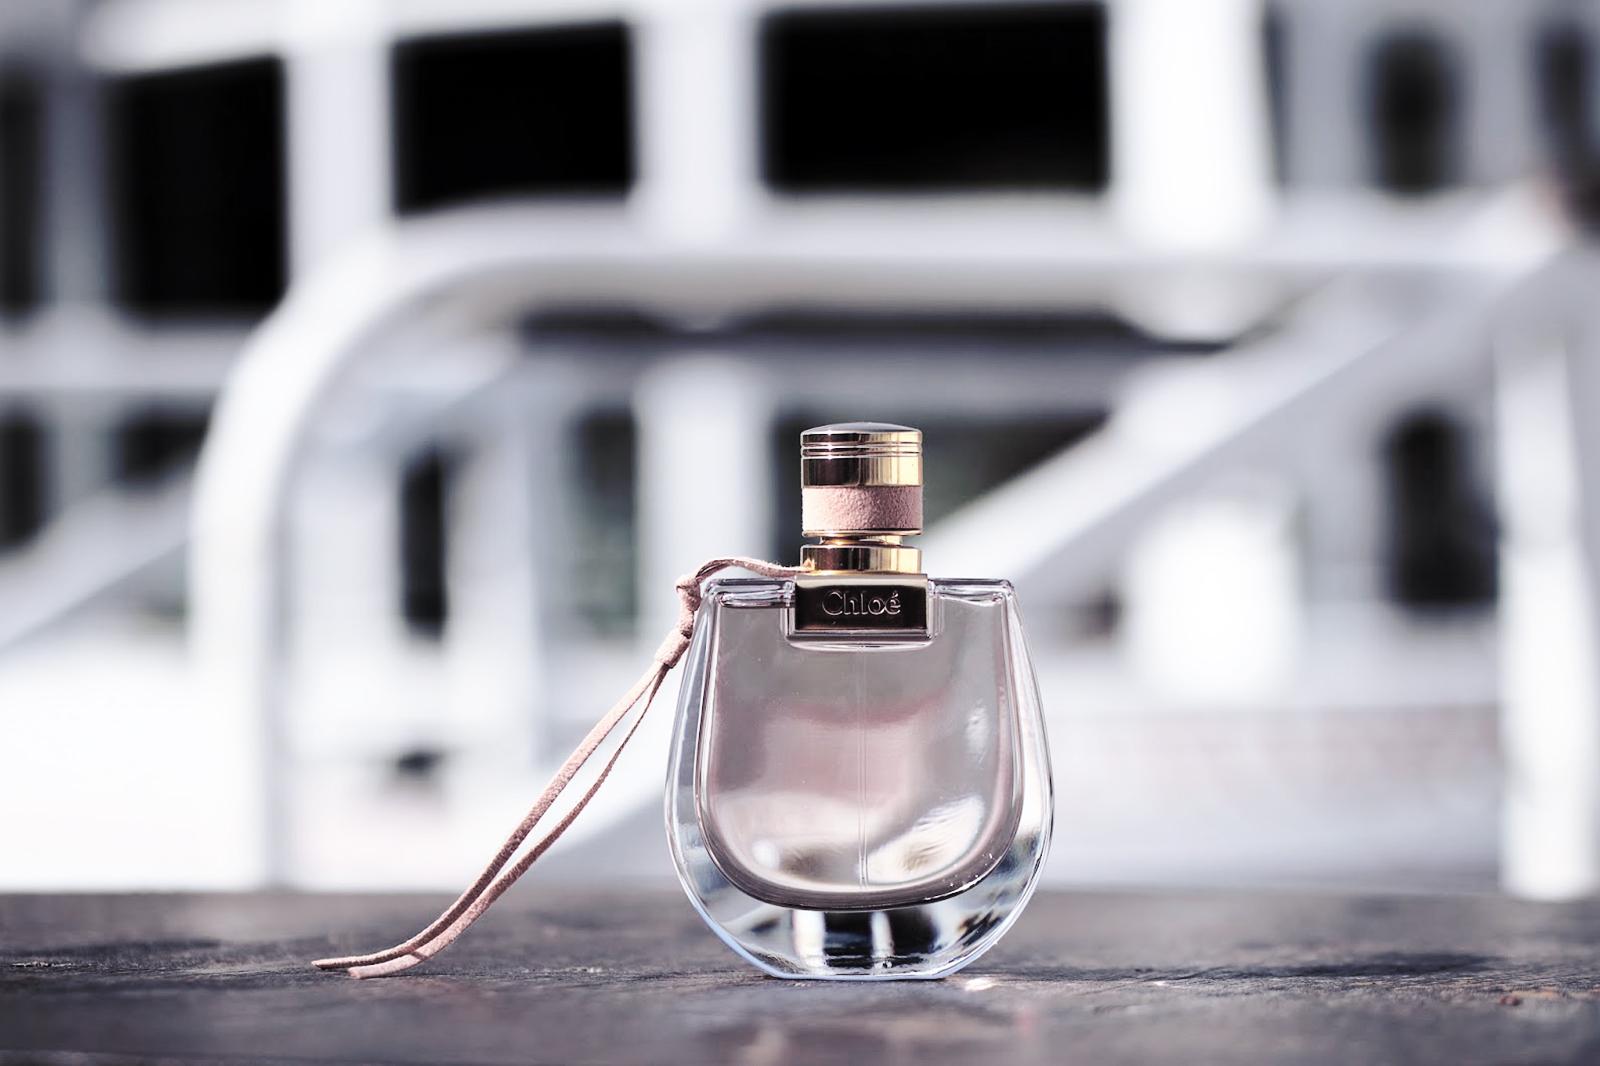 chloé nomade eau de parfum avis test critique